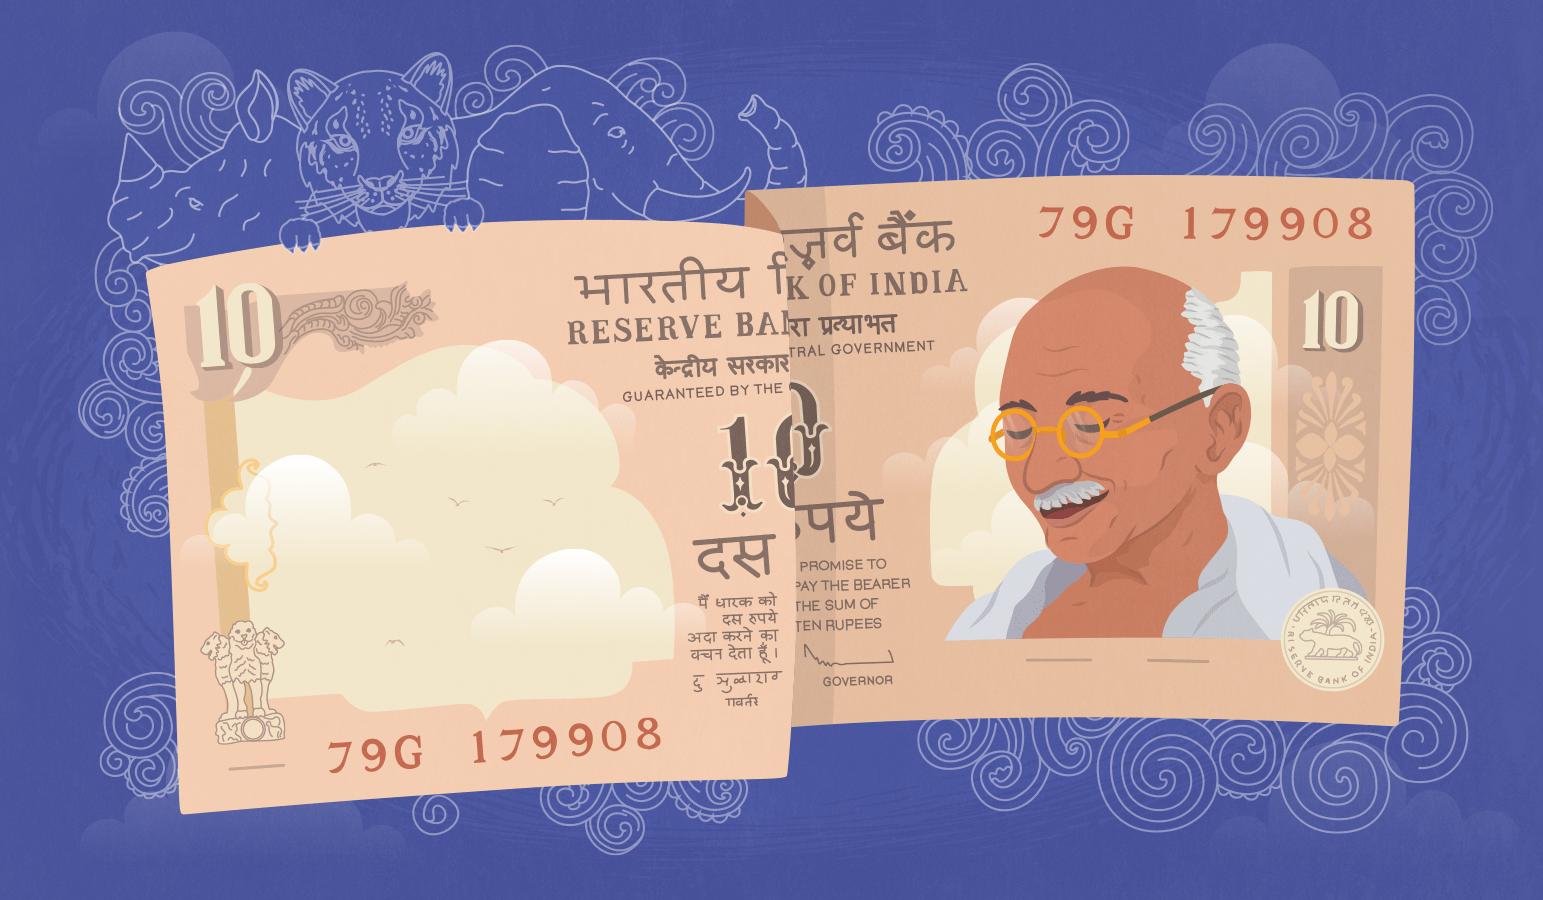 Los idiomas de la India